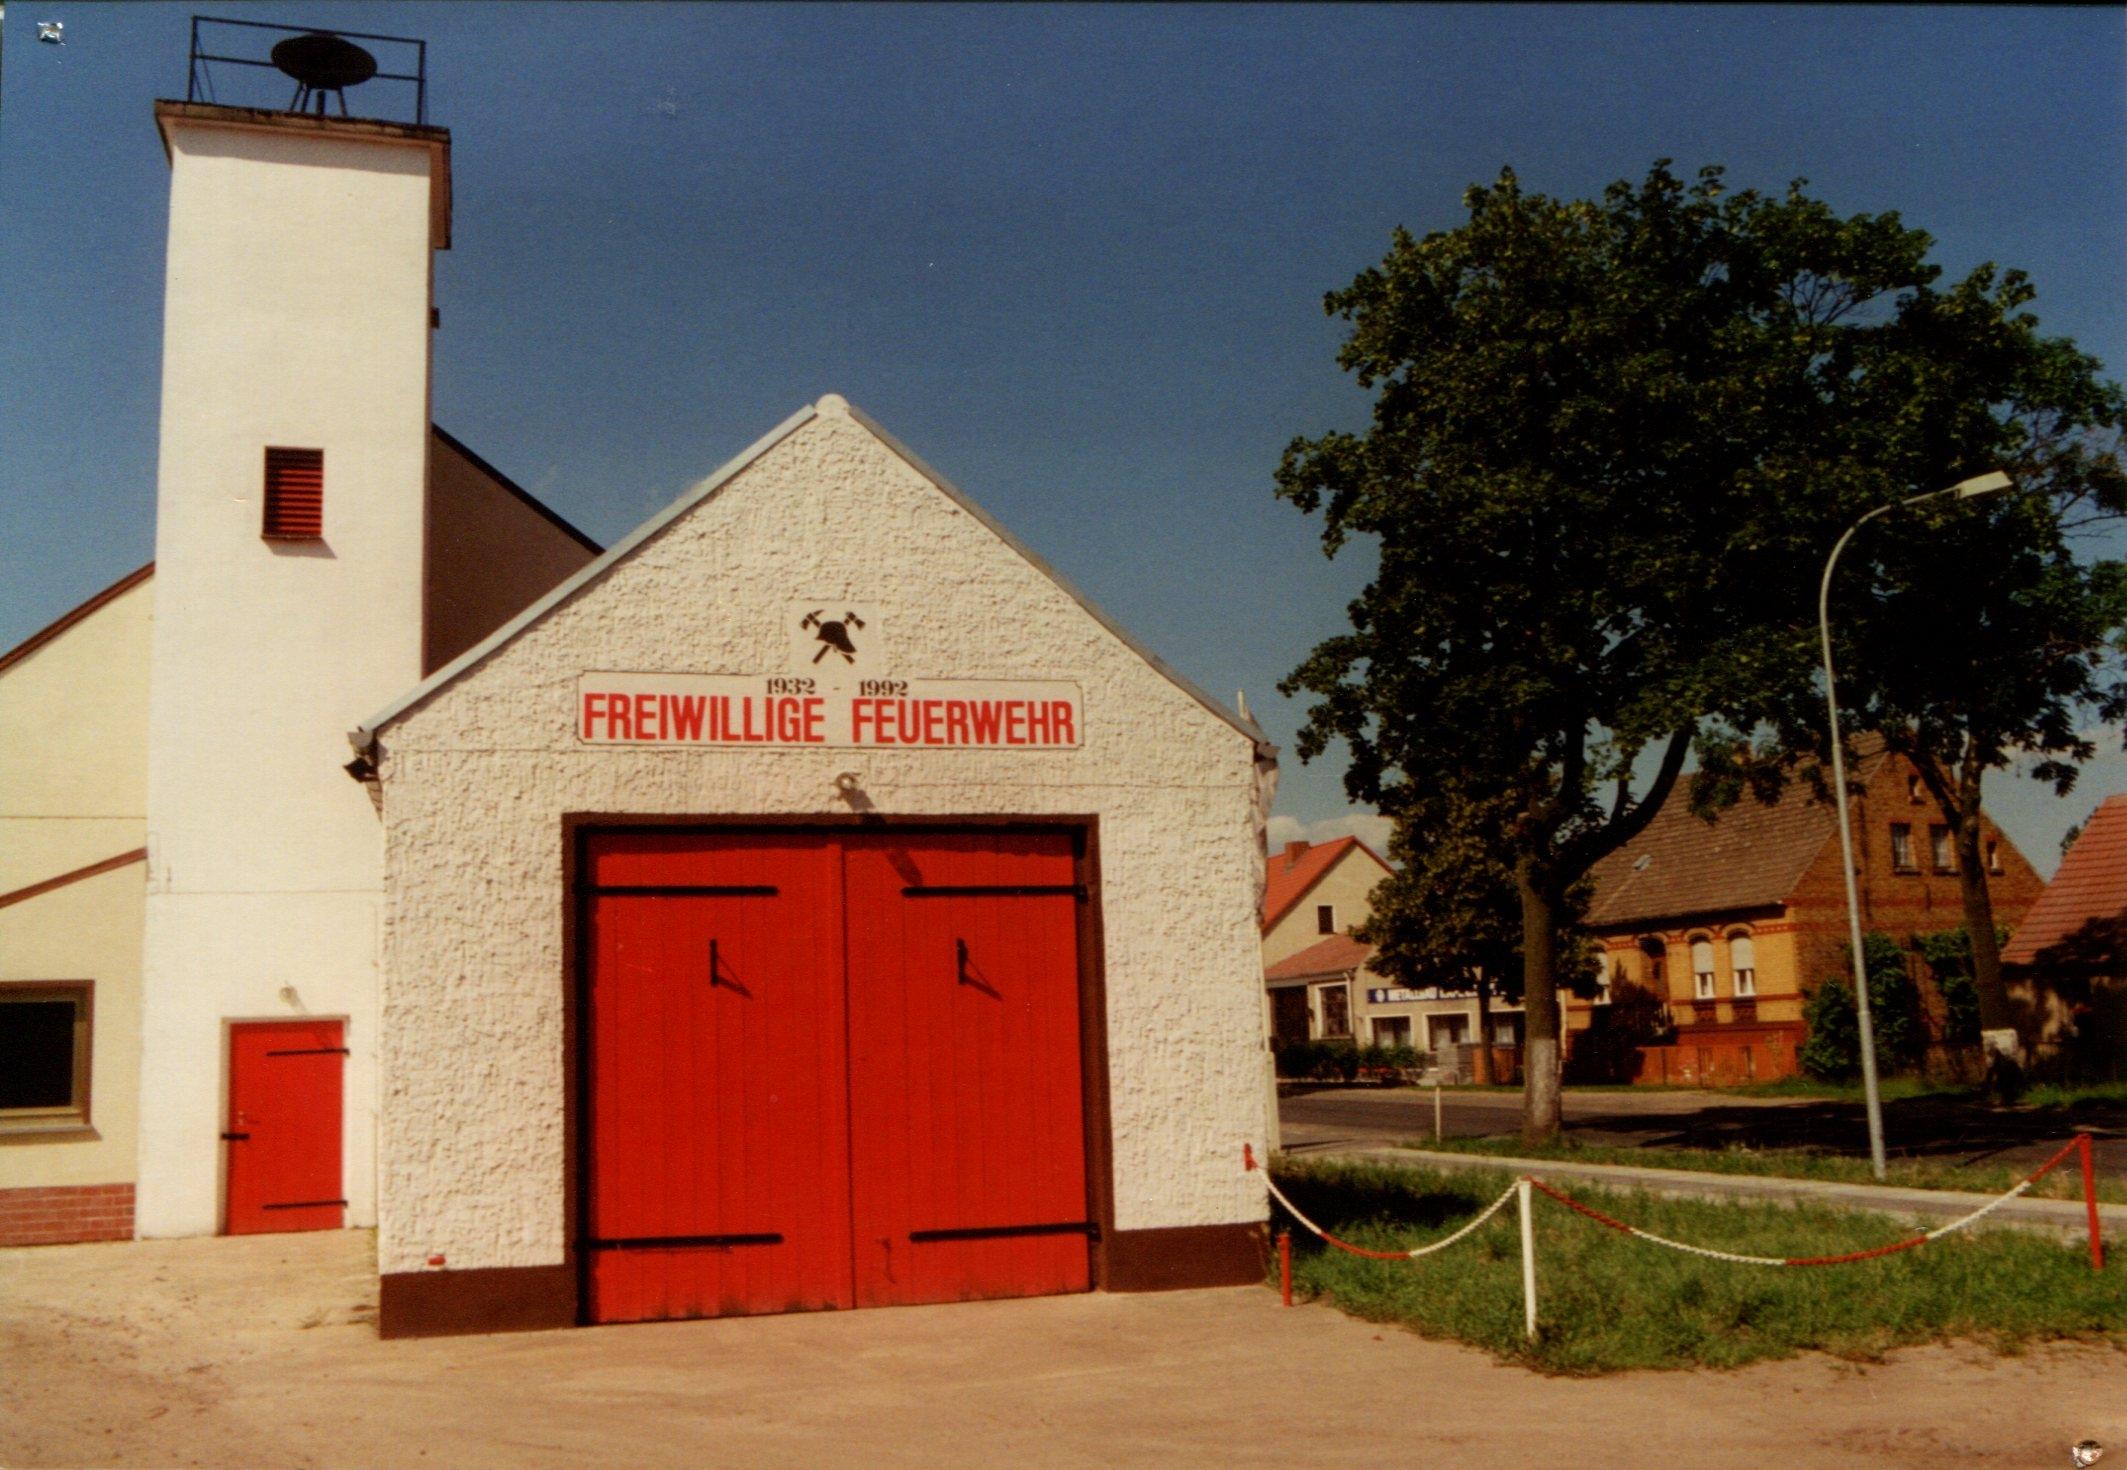 Freiwillige Feuerwehr Buchholz